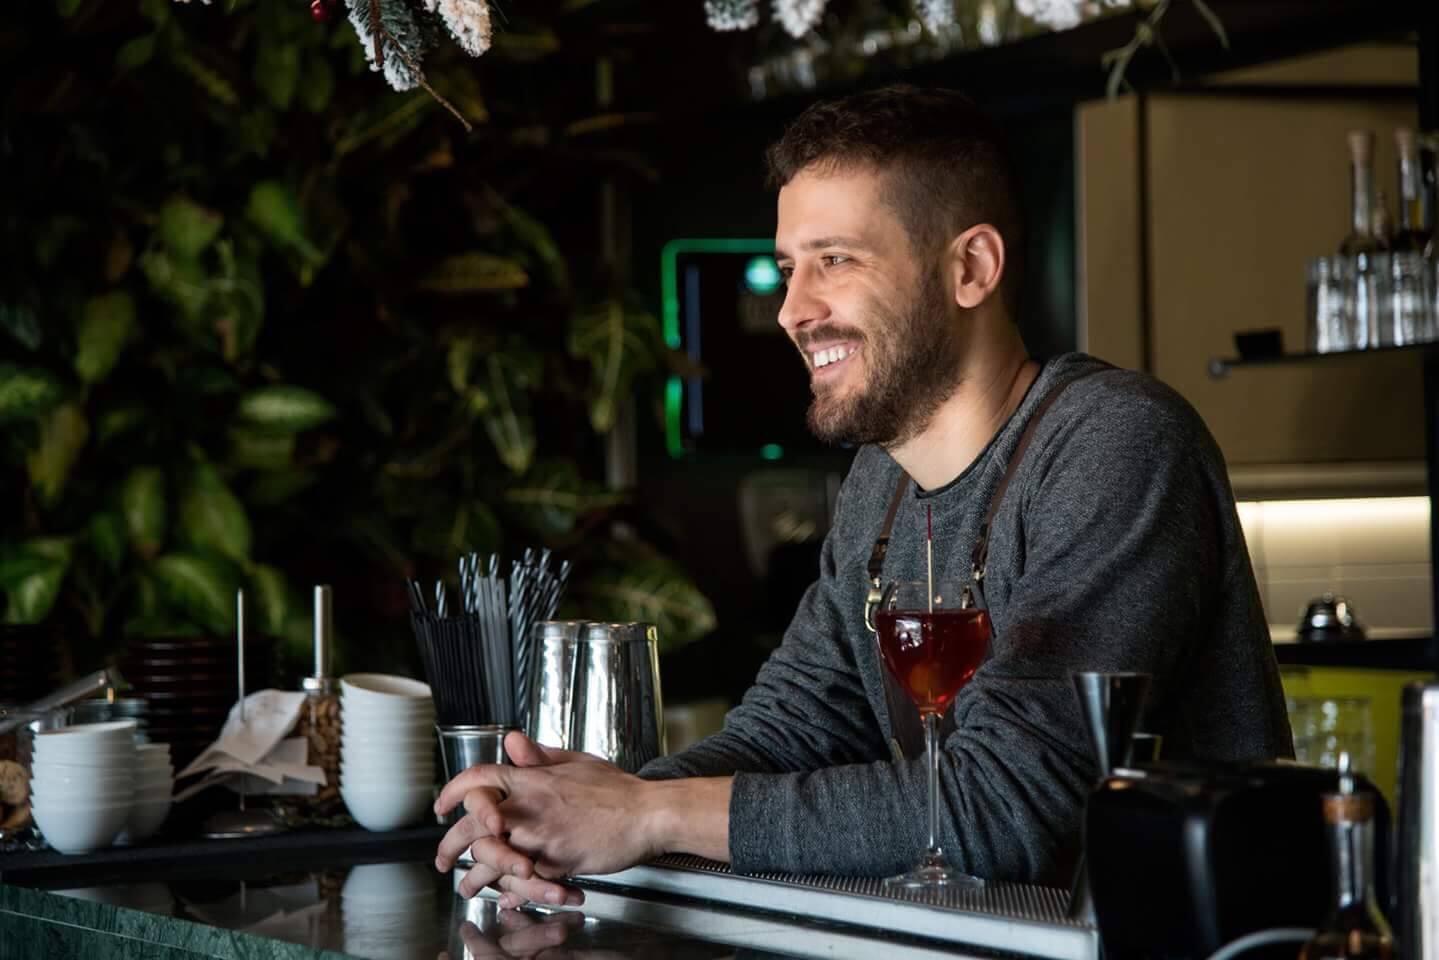 Γιώργος Σαρμαντάς bartender